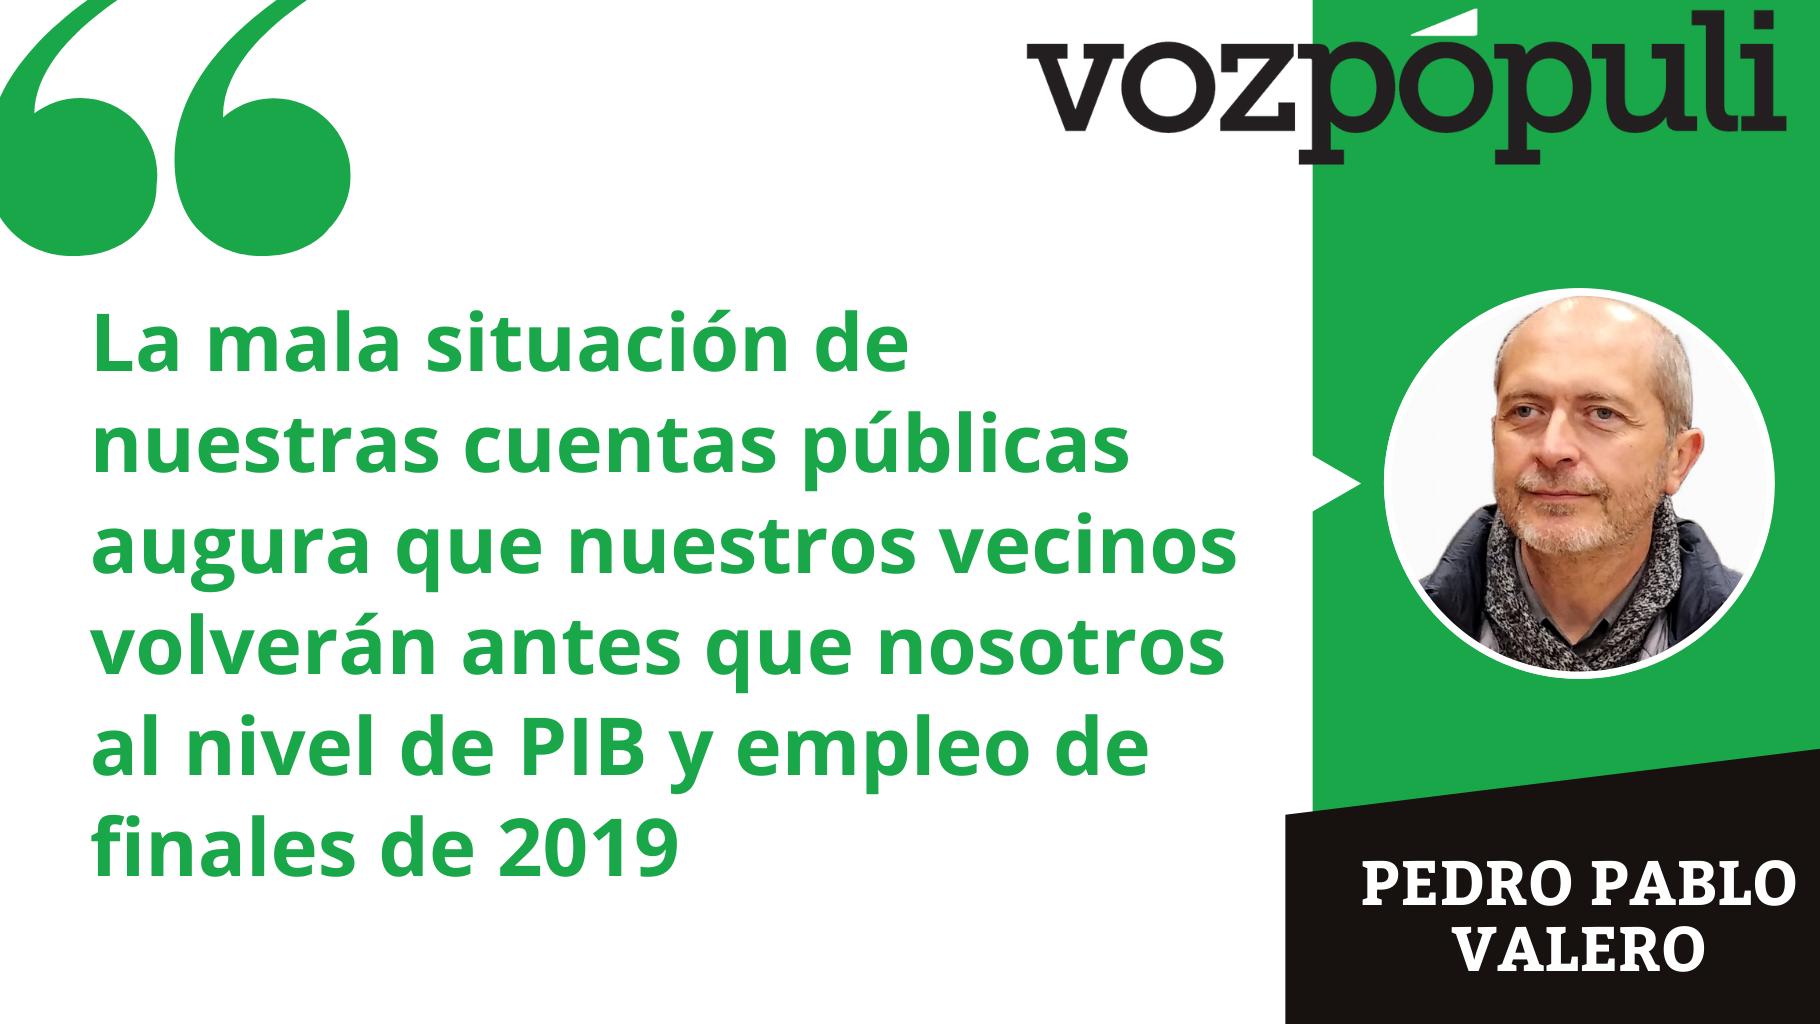 www.vozpopuli.com